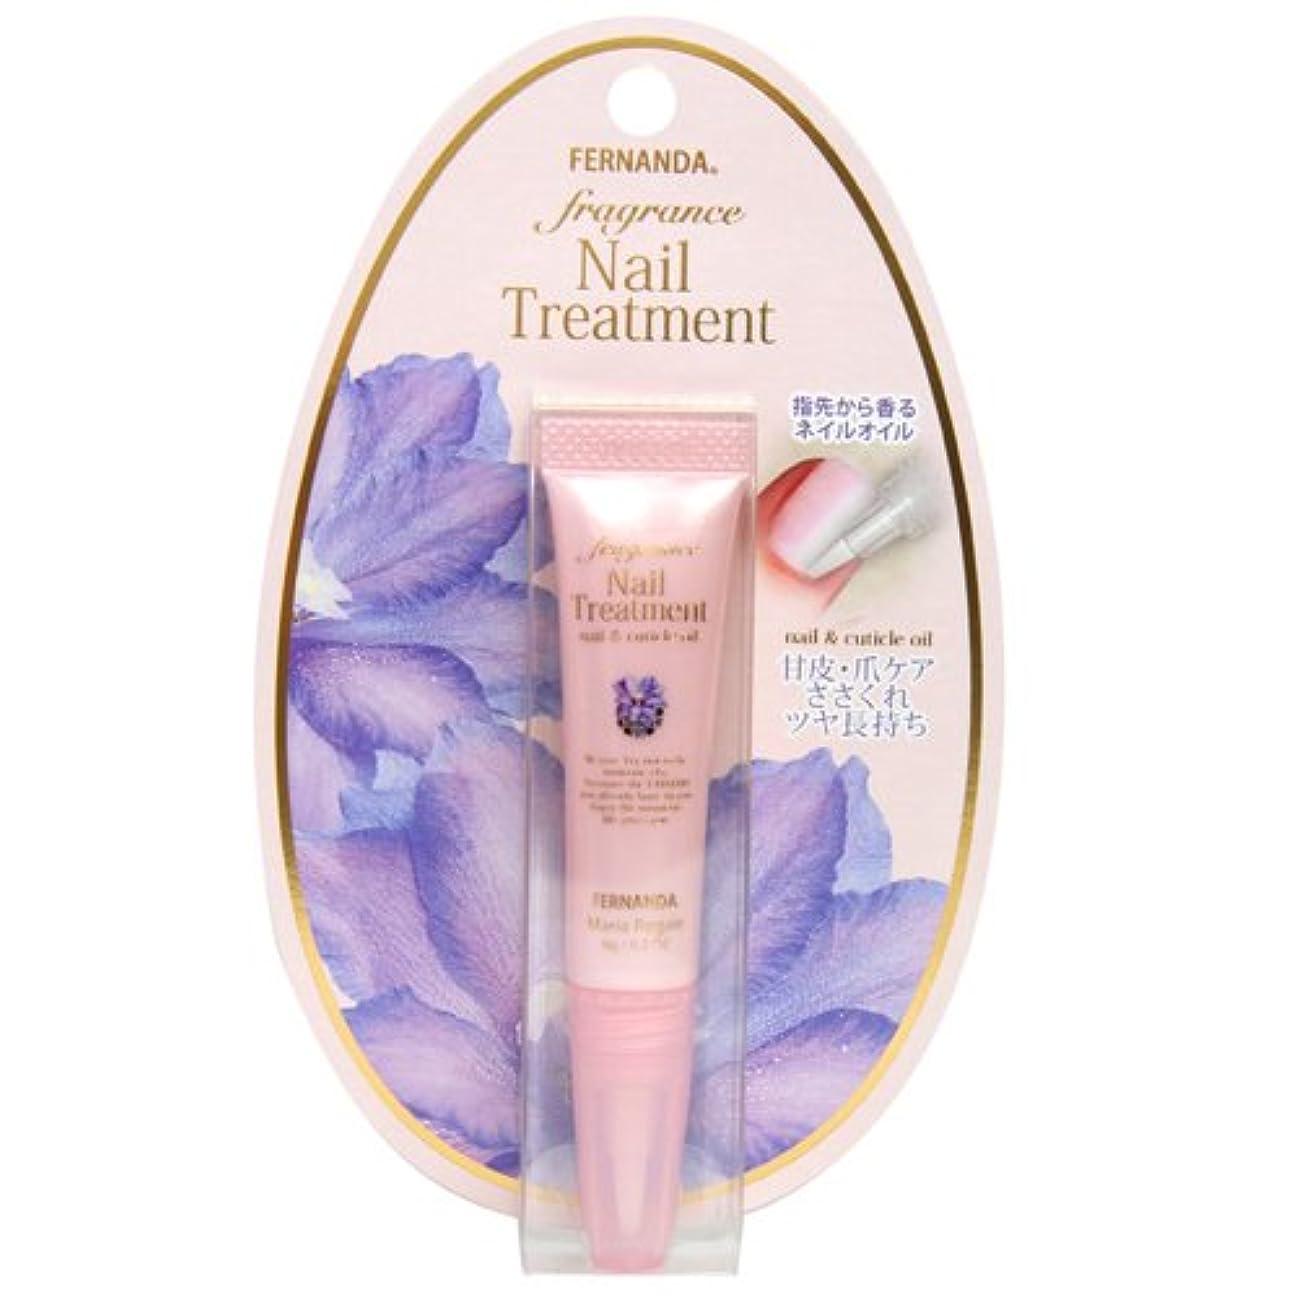 争うアダルト原点FERNANDA(フェルナンダ) Nail Treatment Maria Regale (ネイルトリートメント マリアリゲル)